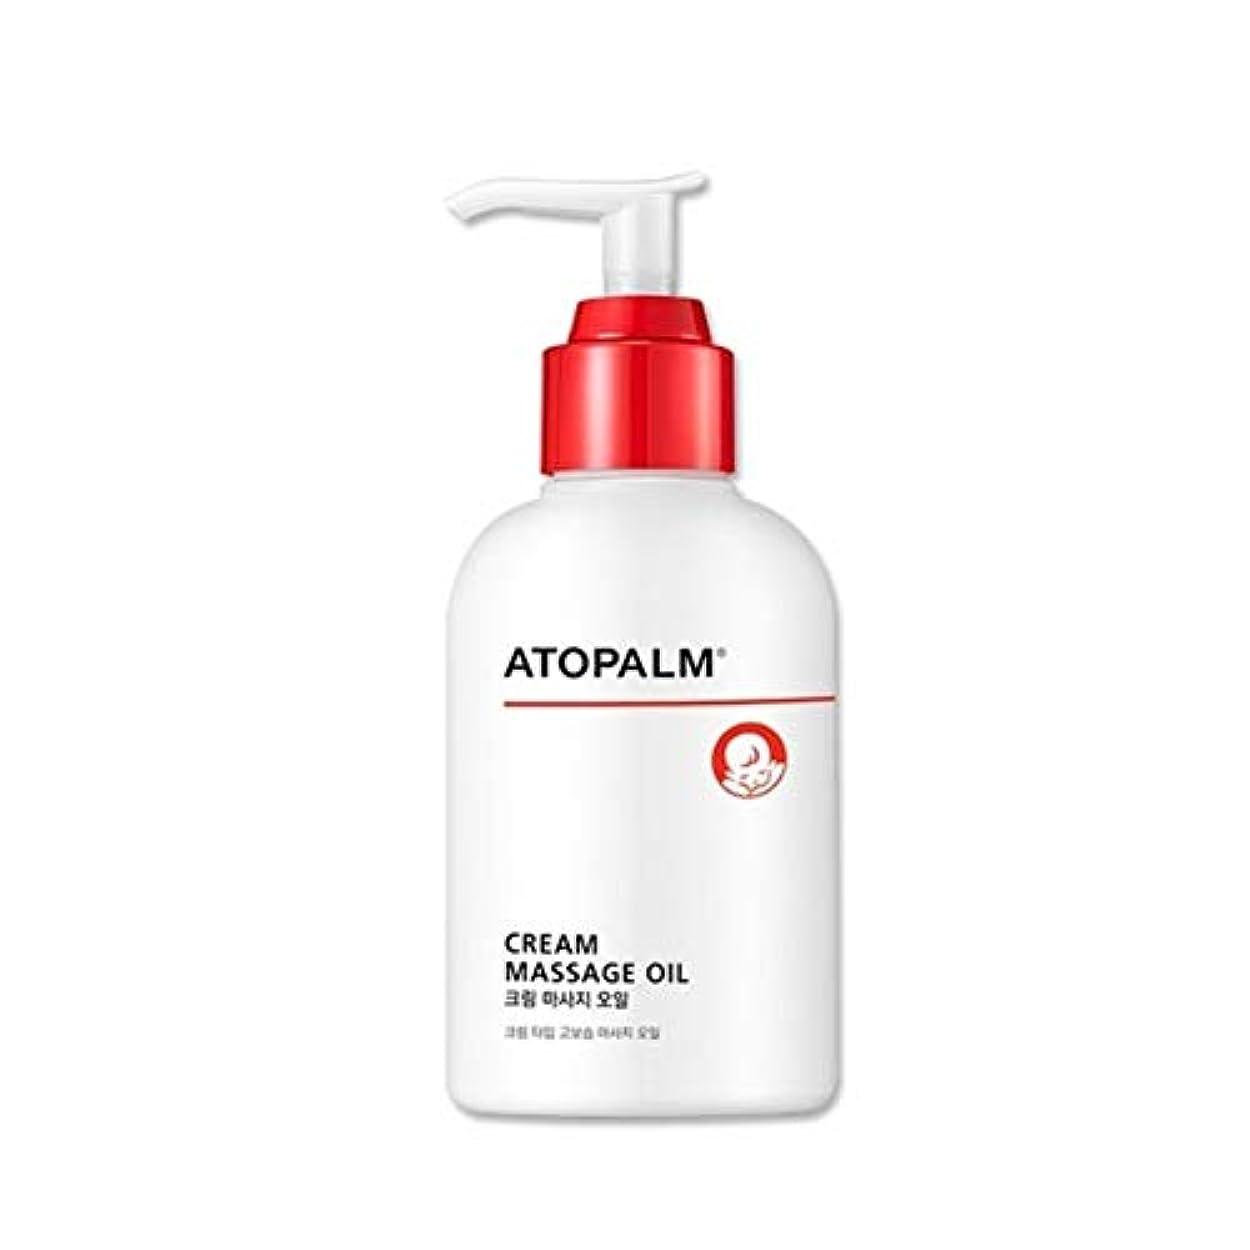 追加害虫極端なアトパムクリームマッサージオイル200ml韓国コスメ、Atopalm Cream Massage Oil 200ml Korean Cosmetics [並行輸入品]